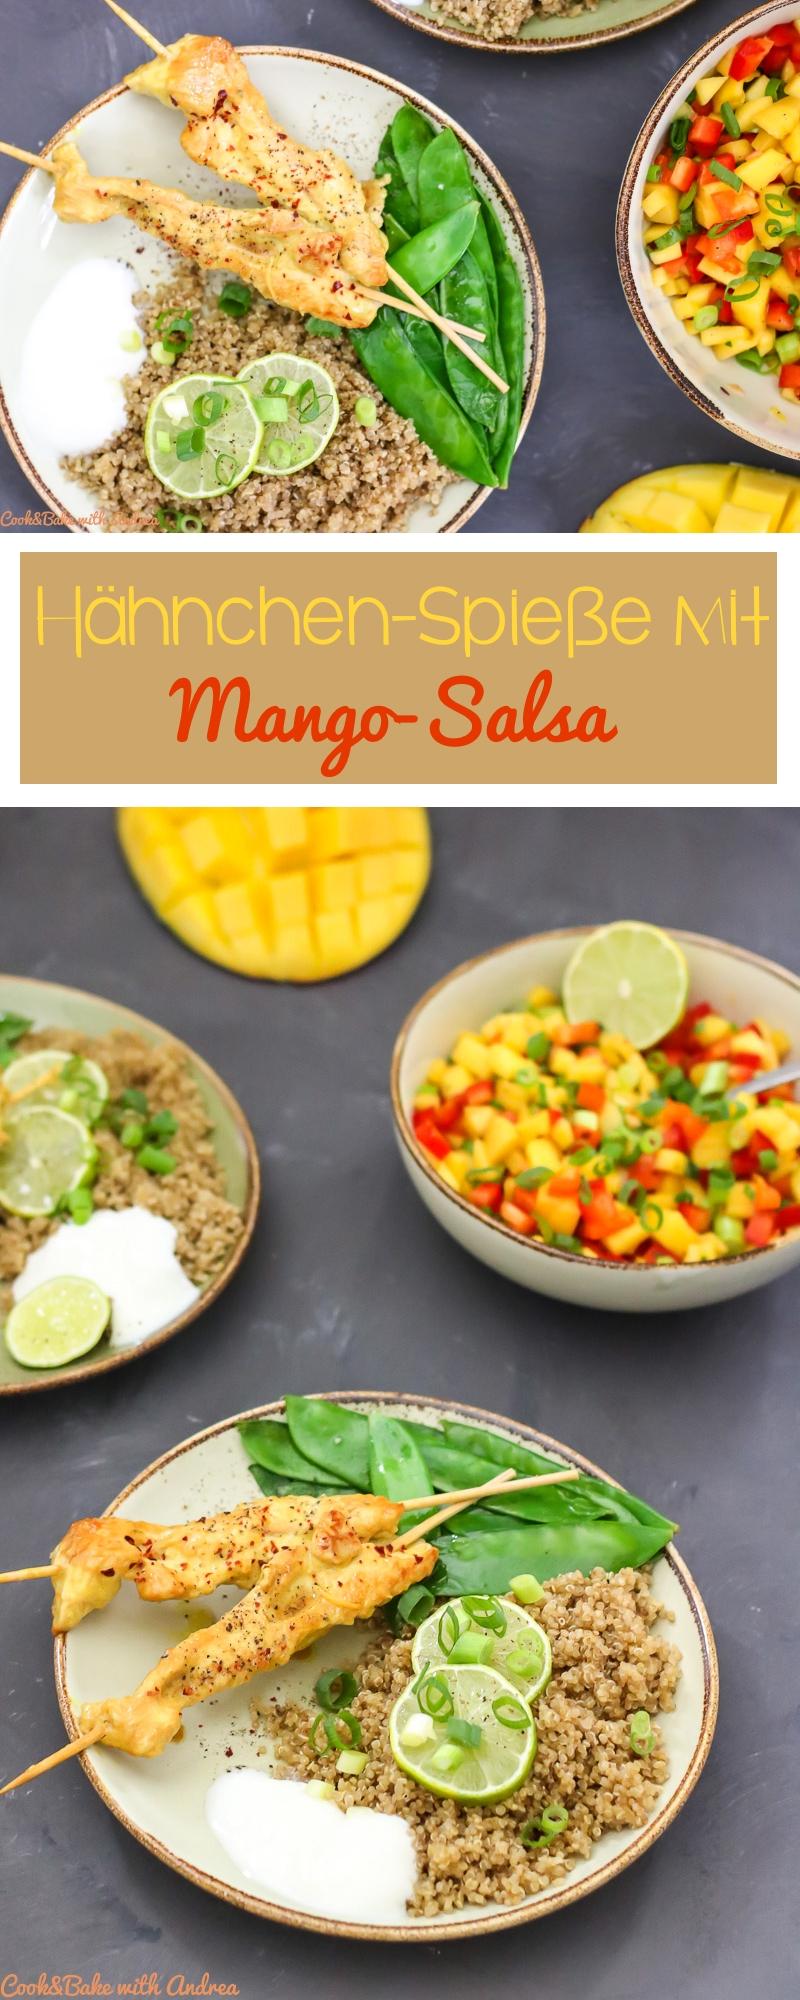 MiMit meinen Hähnchen-Spießen mit Mango Salsa geht es nach Indonesien und einen kleinen Abstecher in die Anden machen wir auch. Diese Hähnchen-Saté werden begleitet von etwas Quinoa, Zuckererbsen und einer selbstgemachten Salsa aus Paprika und Mango. Das Rezept gibt es bei Cook and Bake with Andrea.